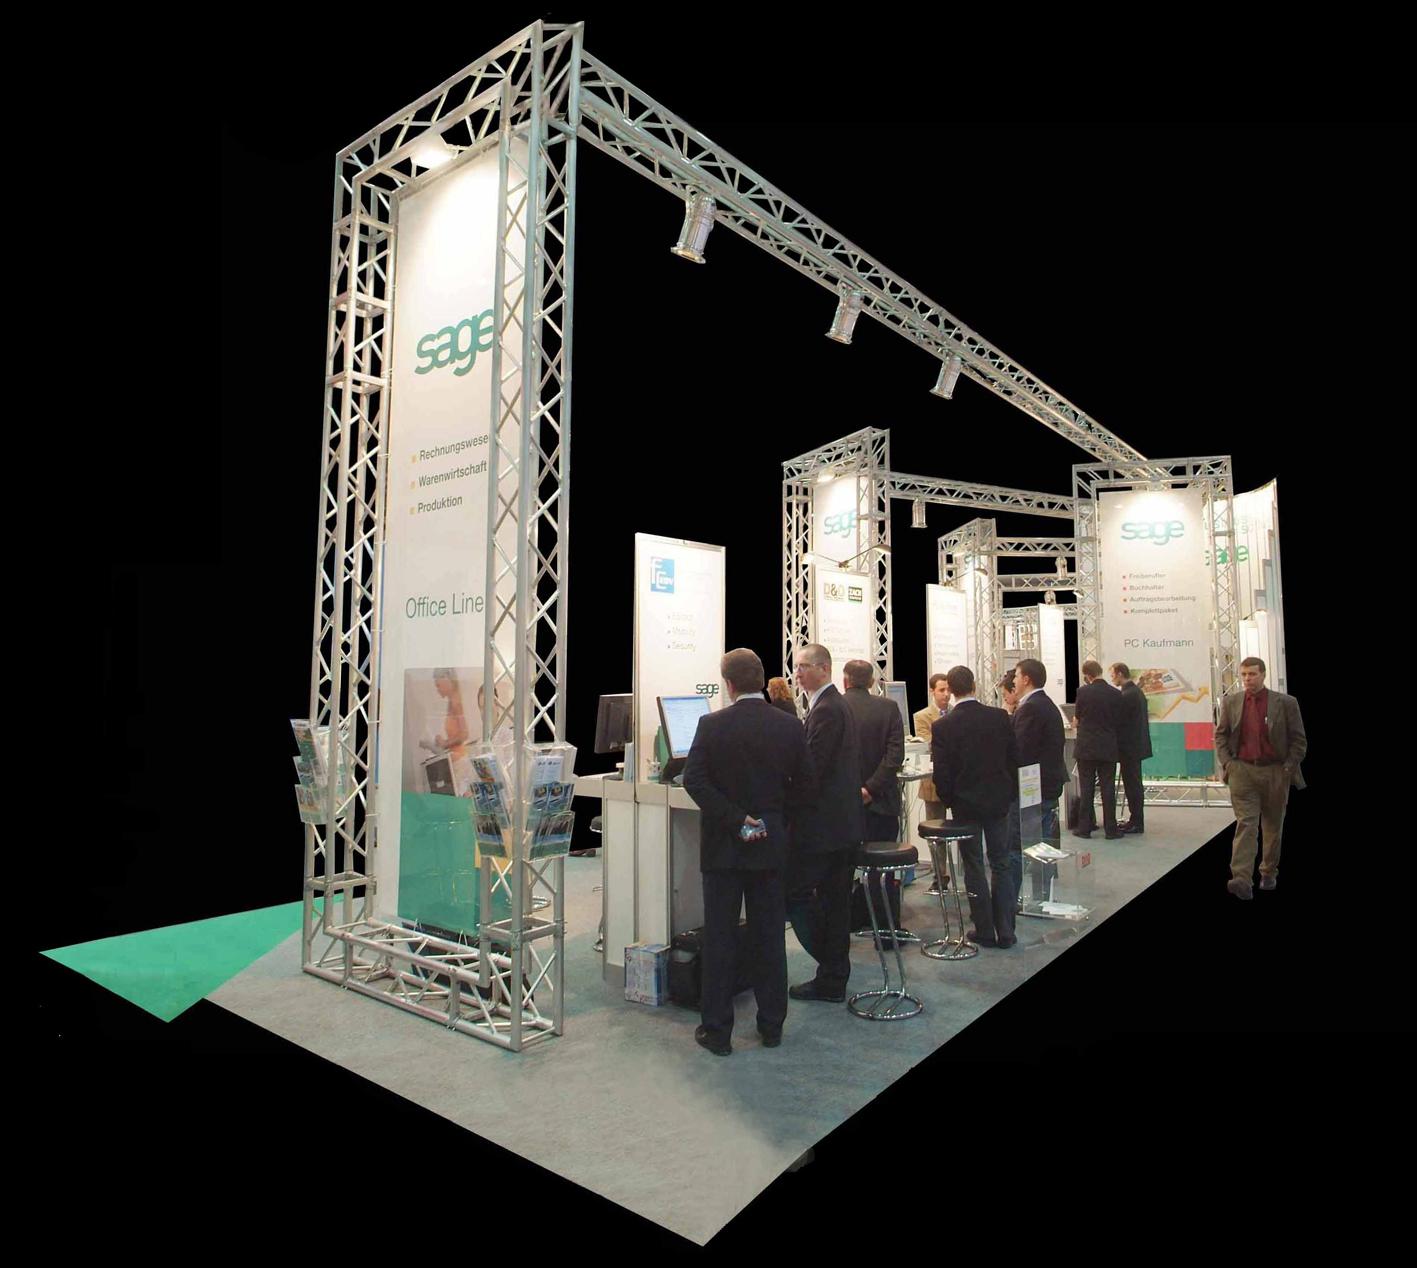 06 Kopfstand Informatikmesse, Stehpulte mit PC Arbeitsplätzen, akustische und optische Trennung mit Transparenten